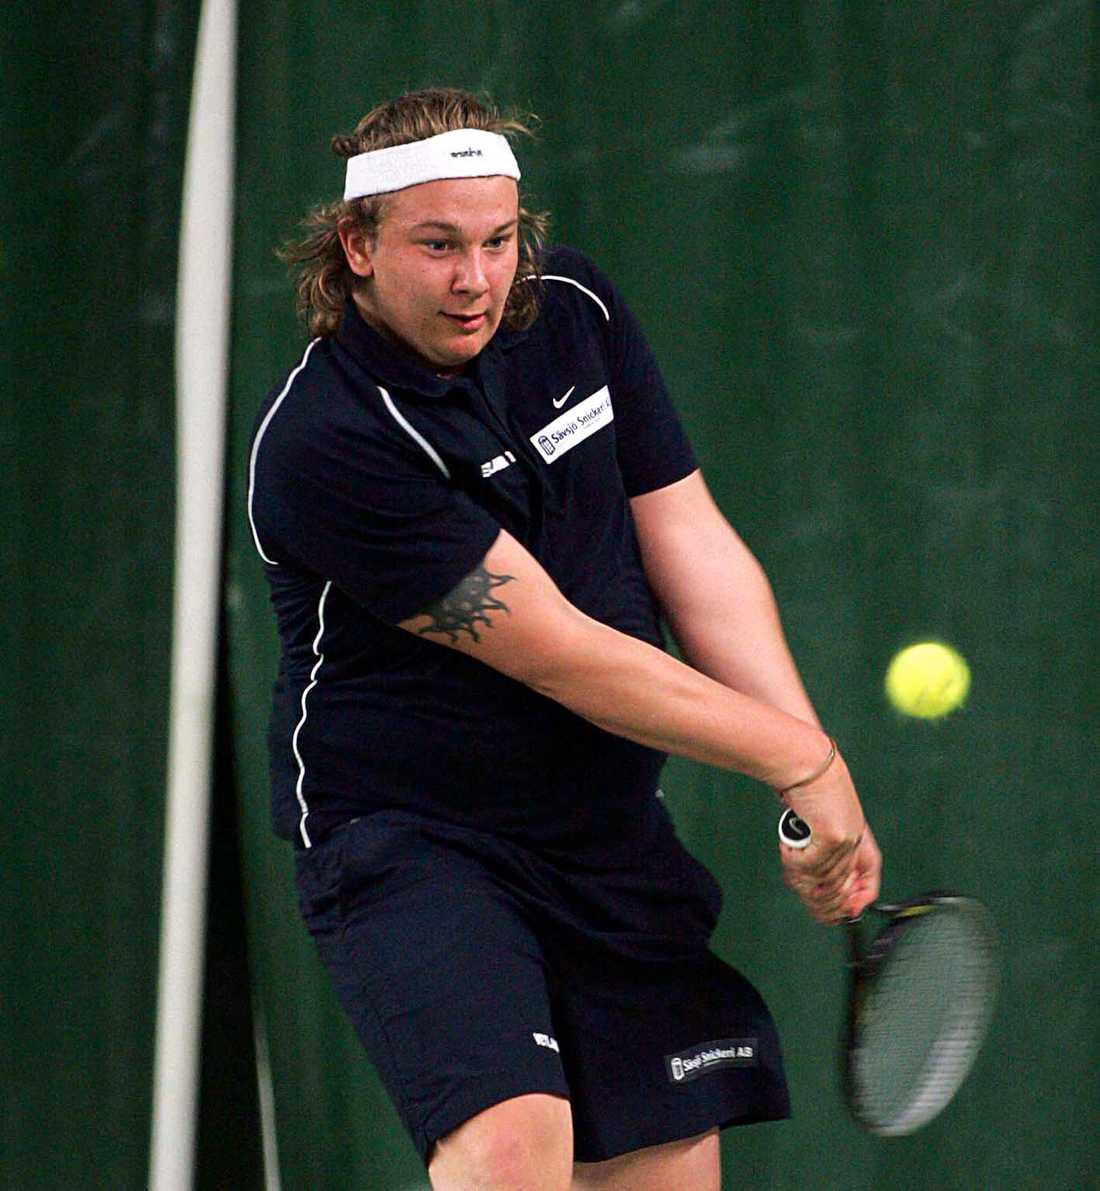 Robin Borg med tennisracket 2004.